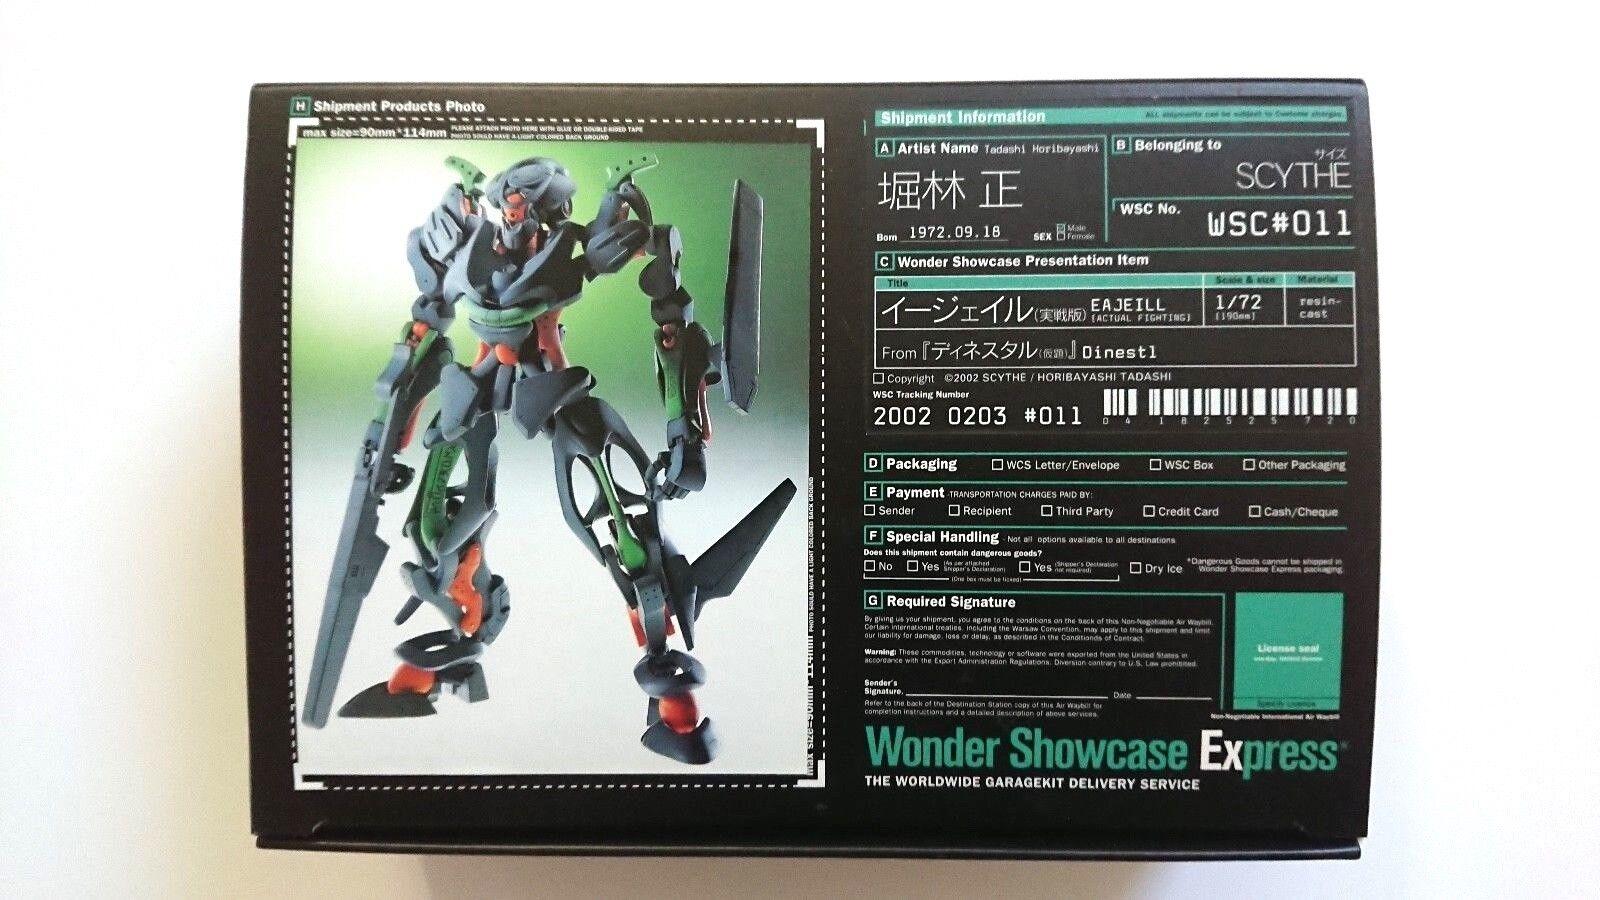 Scythe WSC 011 Wonder Showcase Express